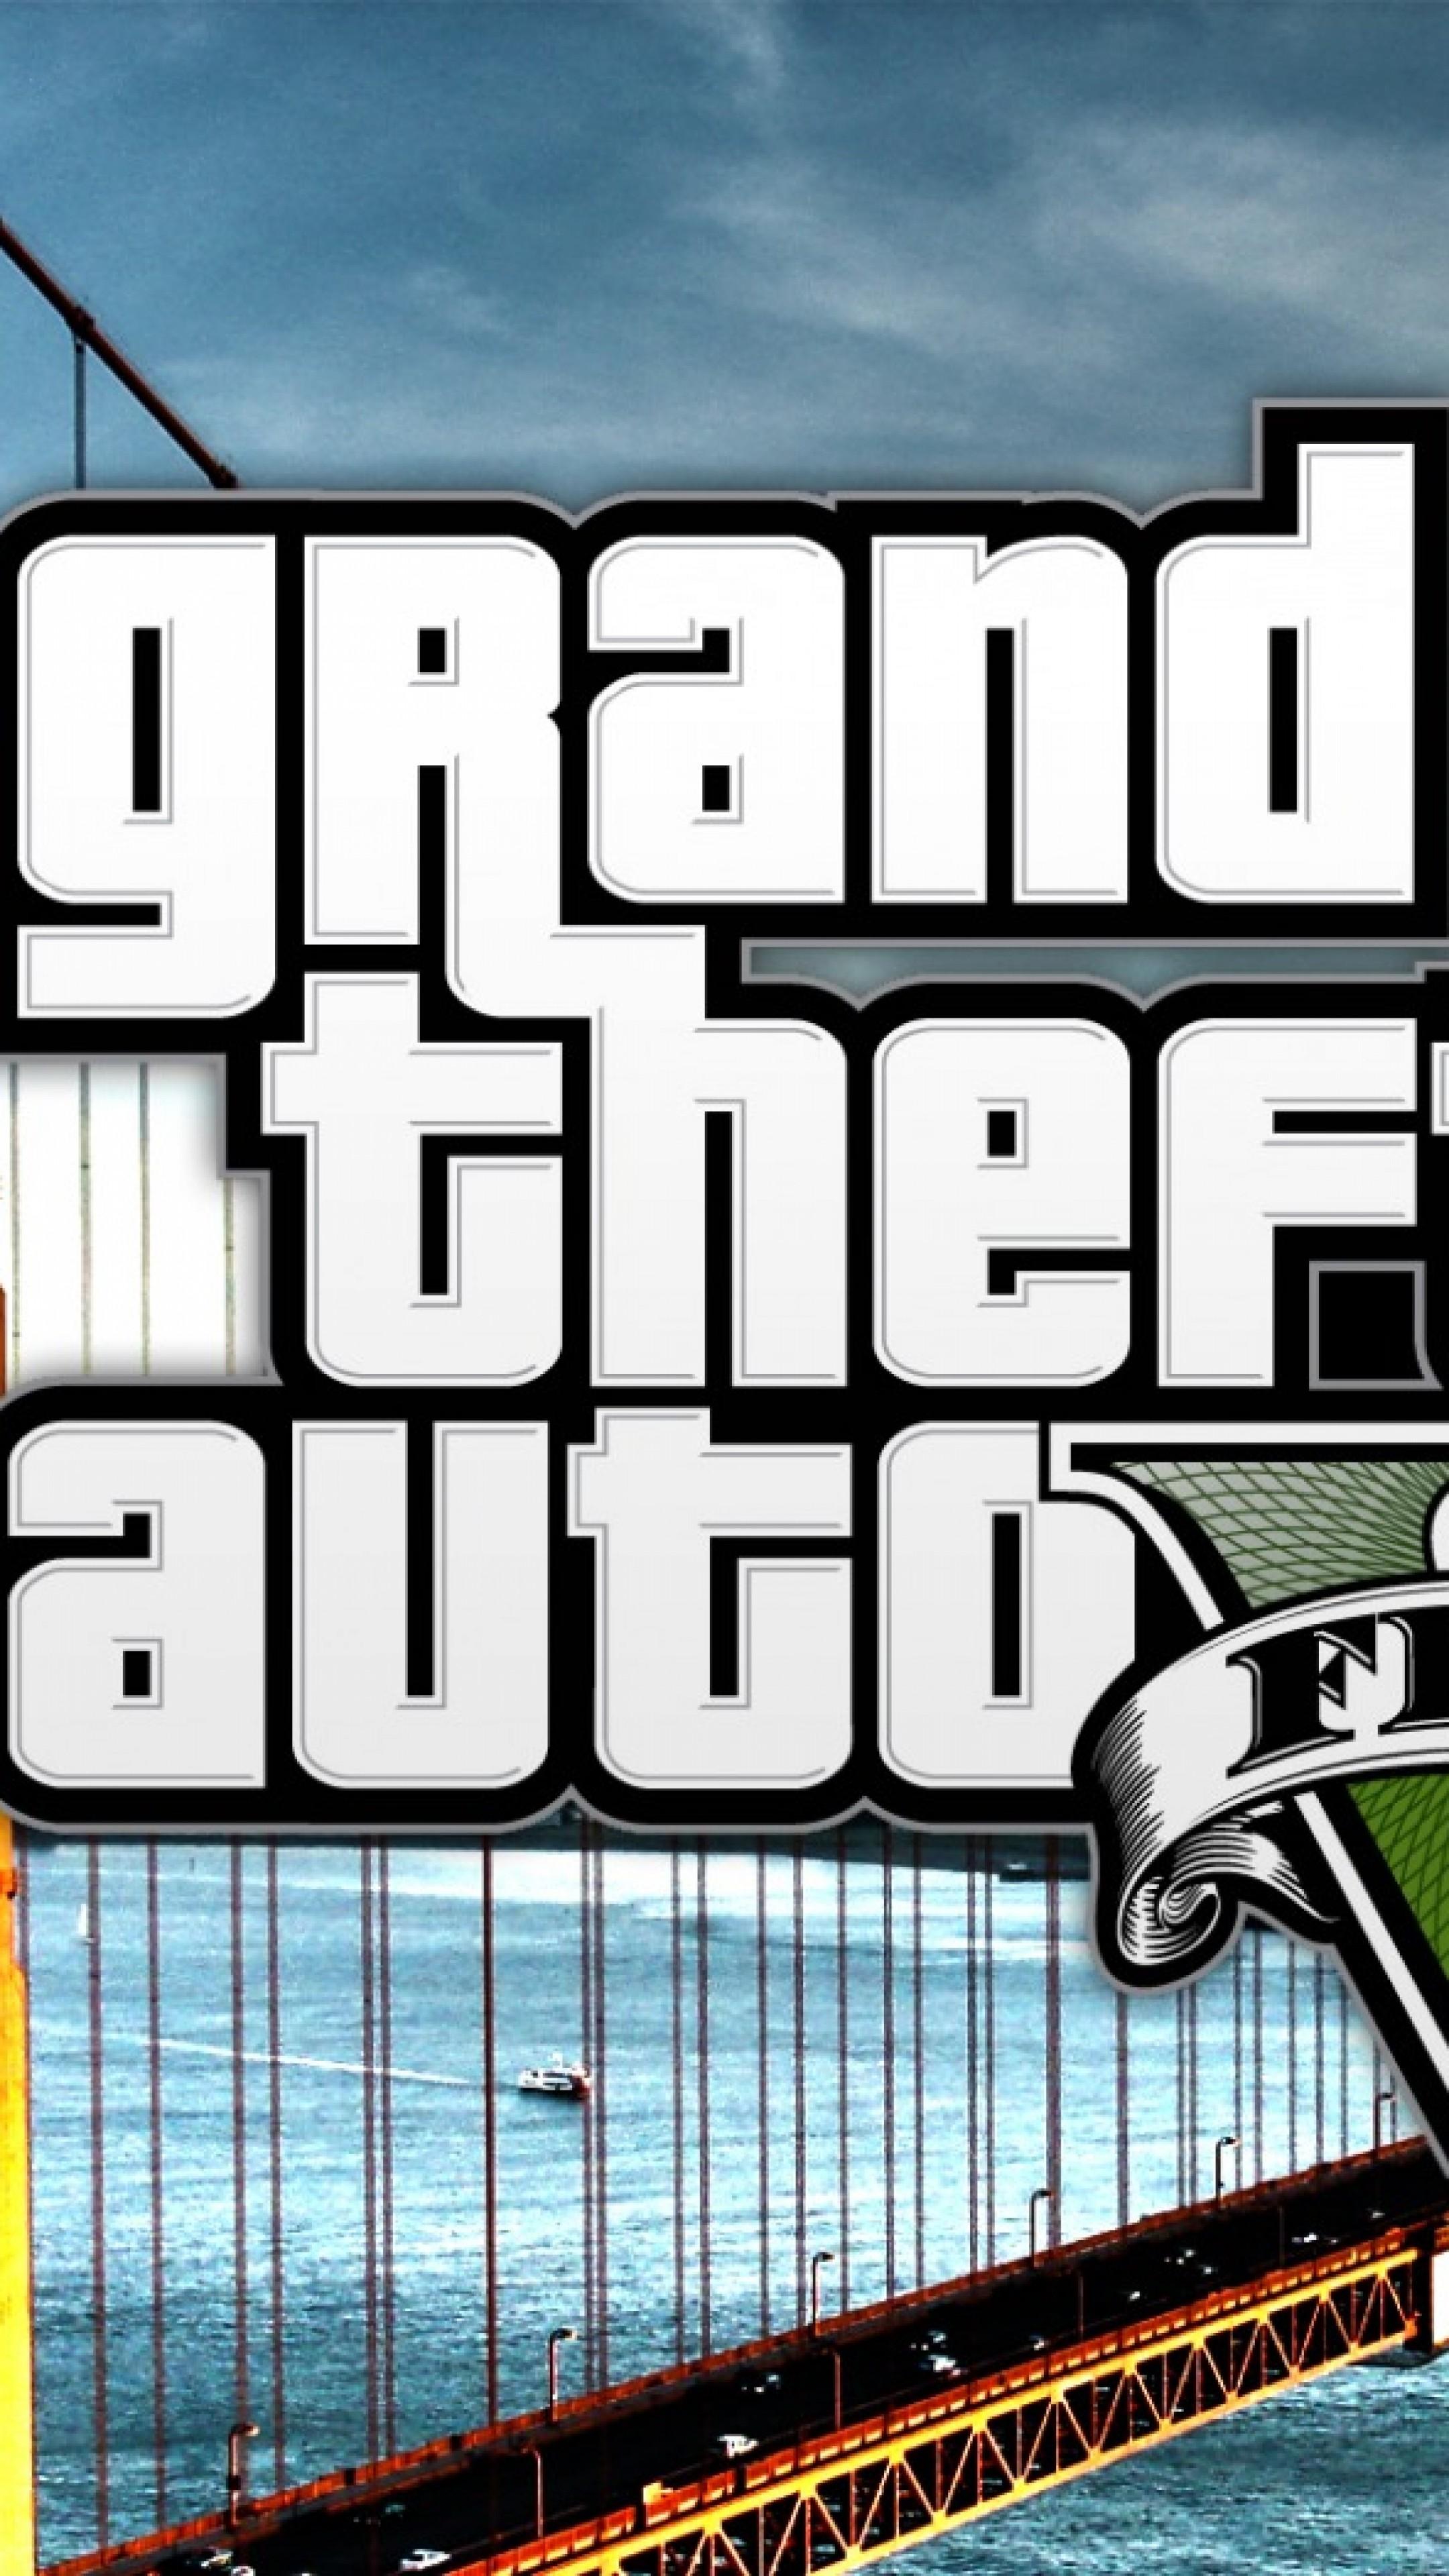 Wallpaper gta v, grand theft auto v, game, bridge, logo